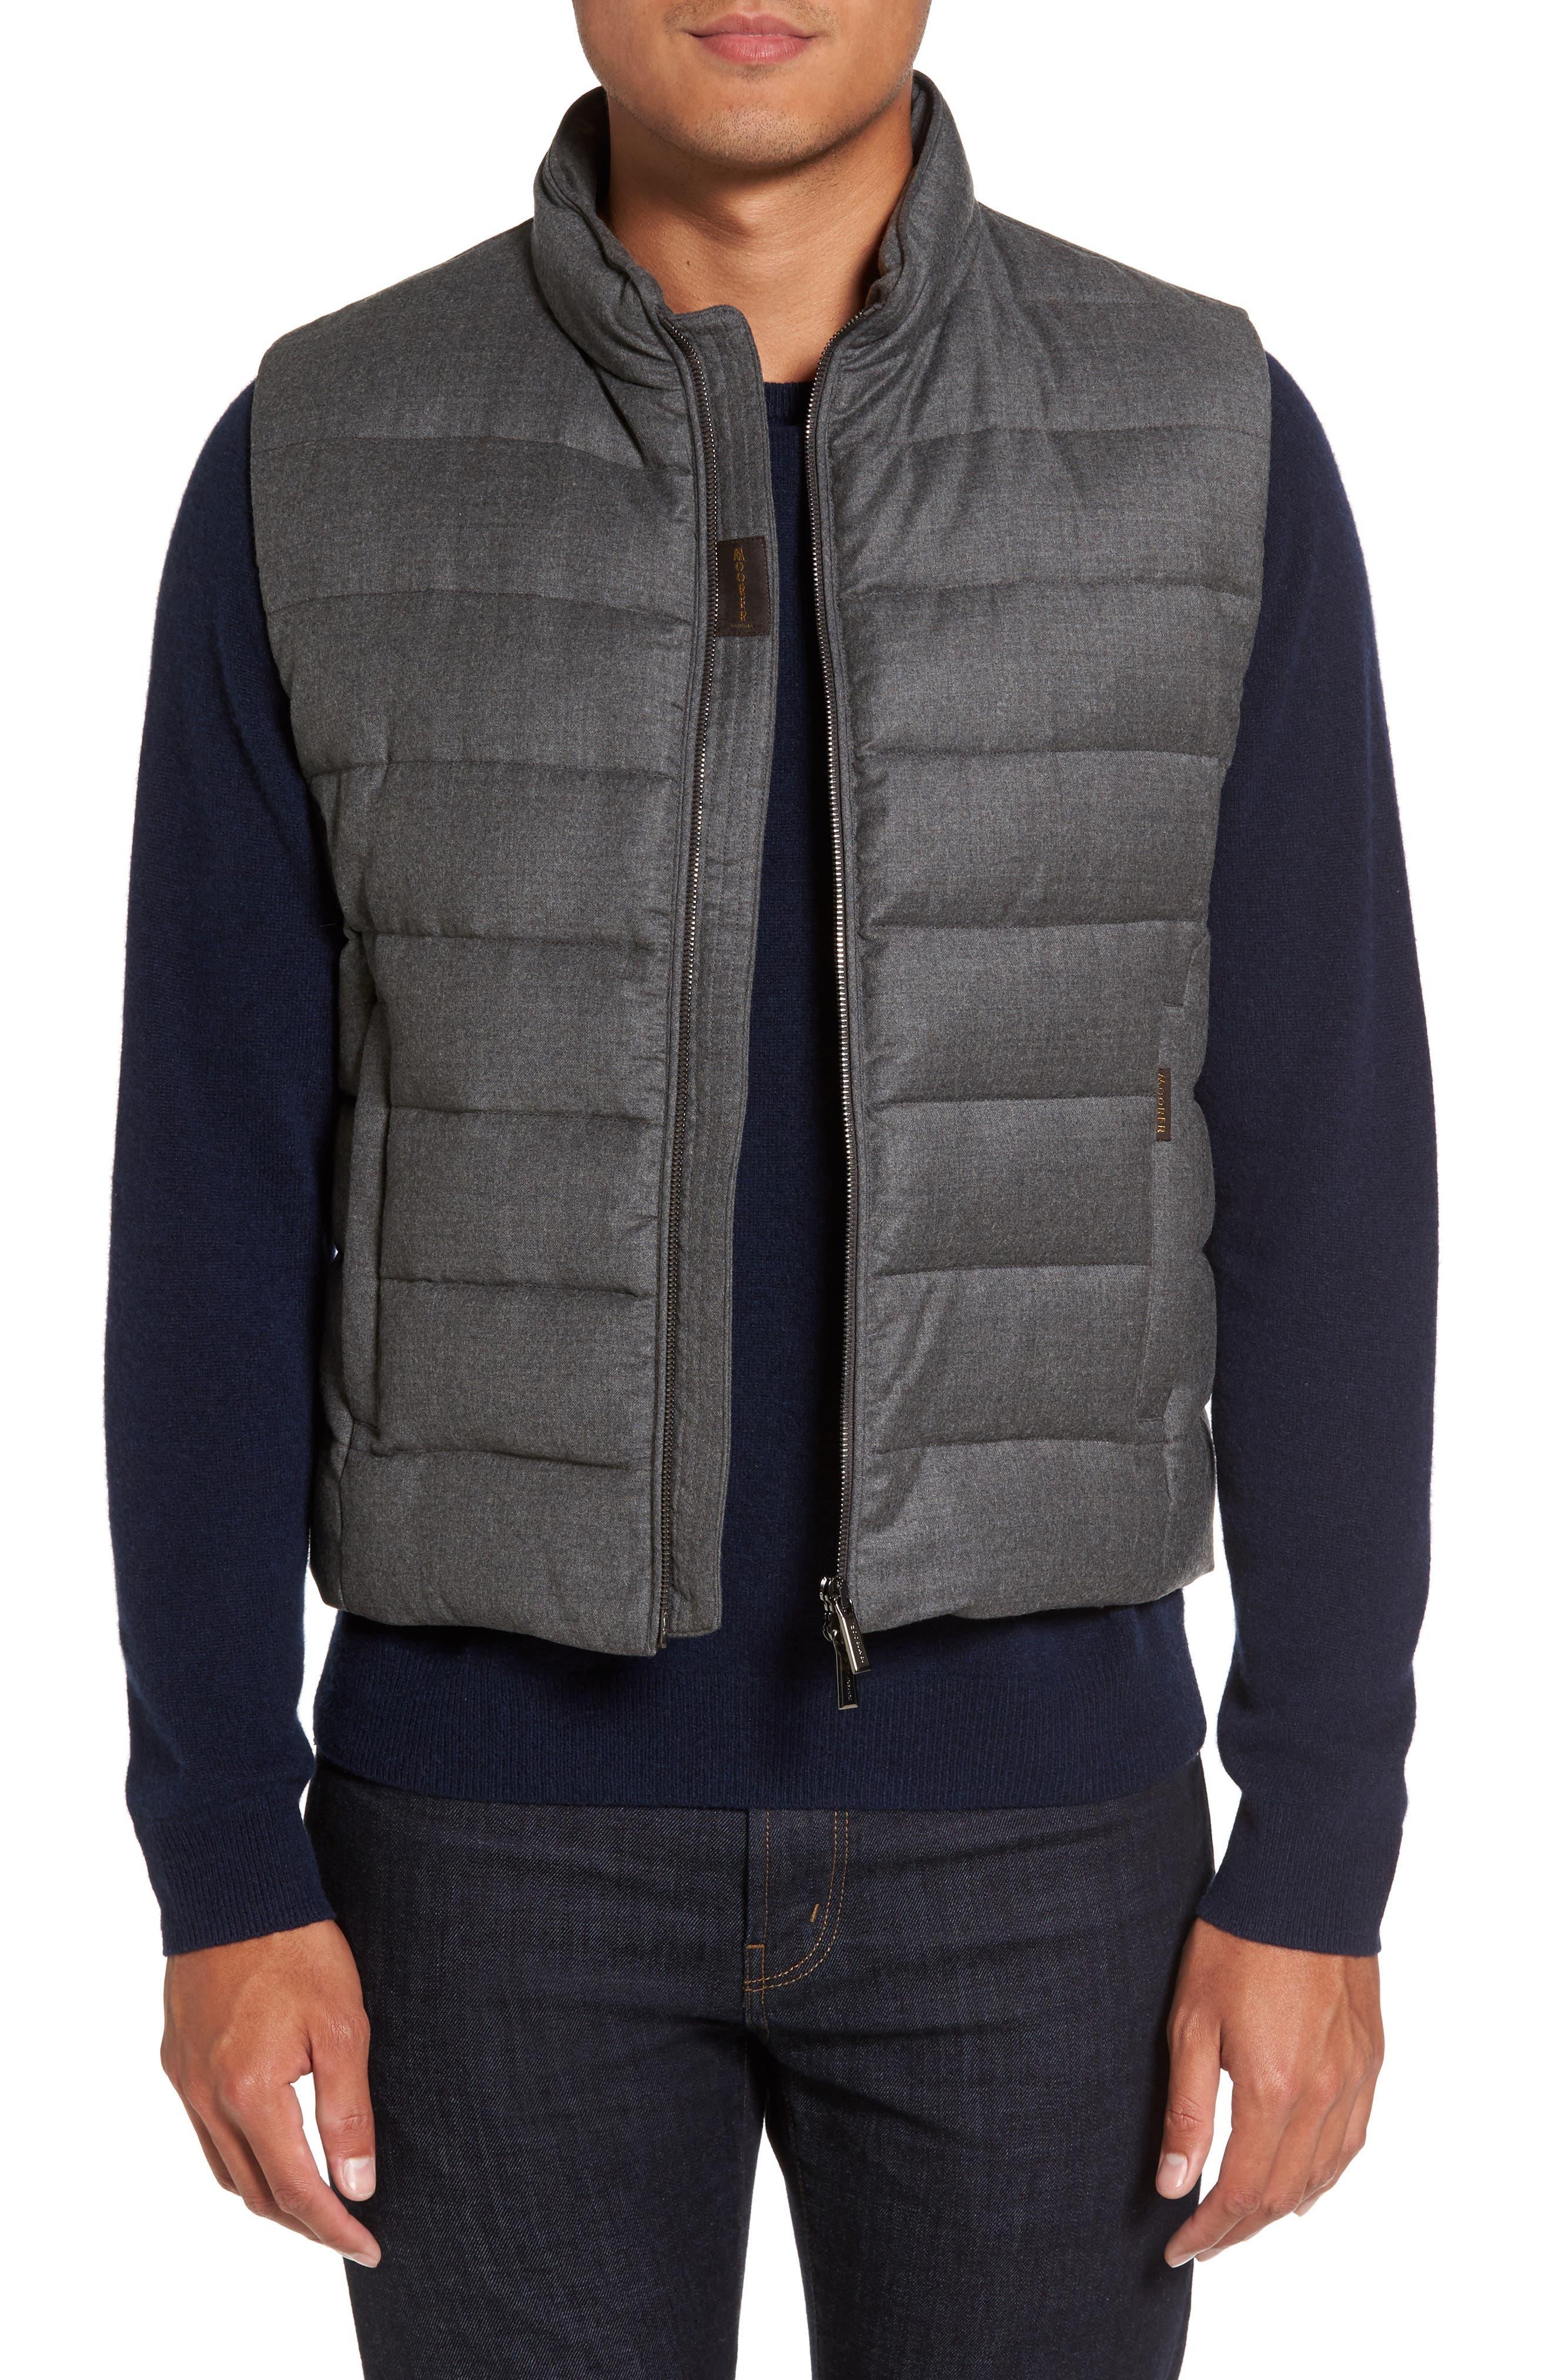 Main Image - MooRER Oliver L Wool & Cashmere Flannel Waterproof Vest